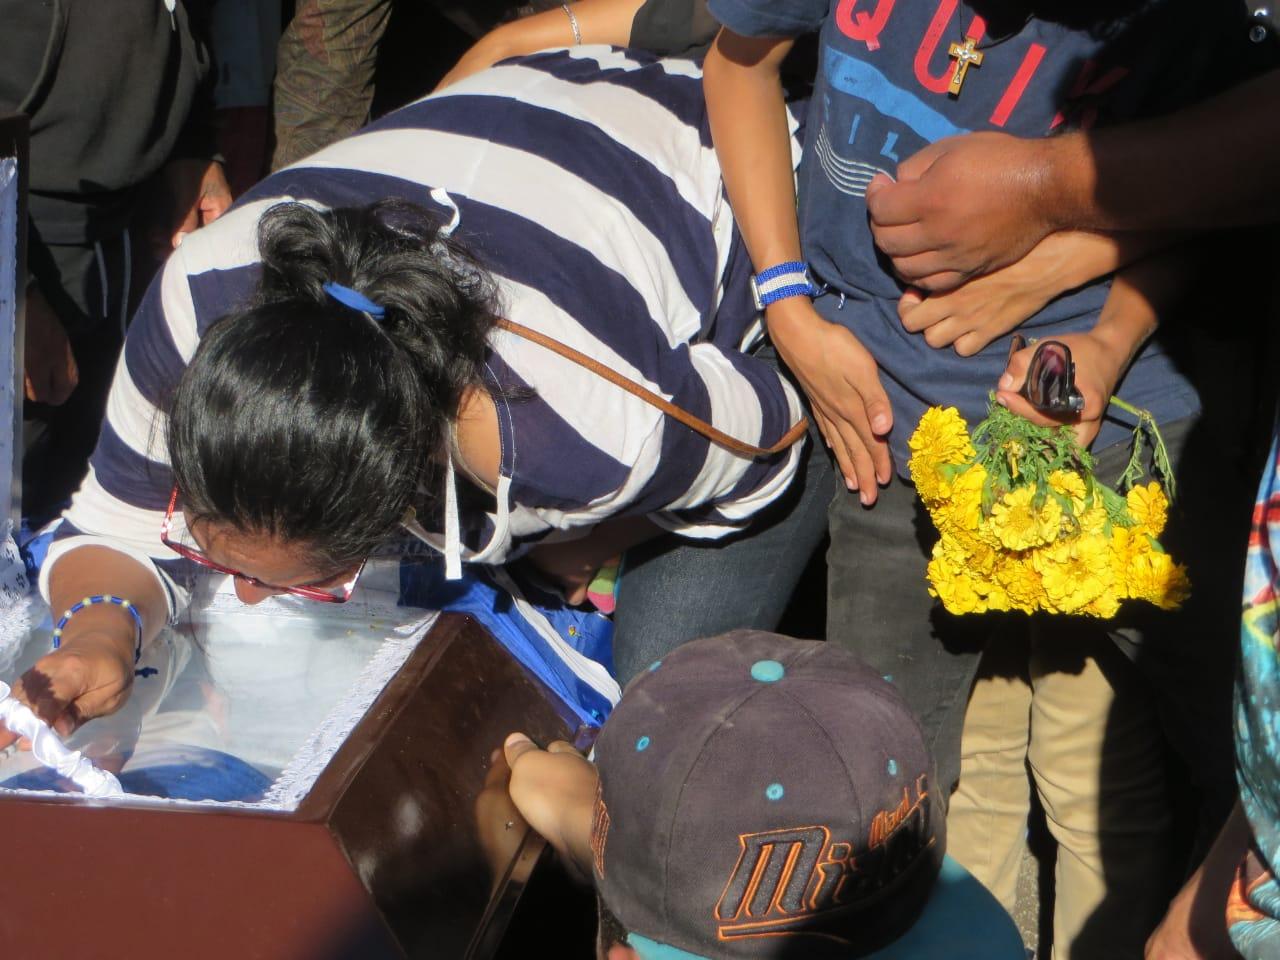 Durante la misa de cuerpo presente, la viuda de Chabelo exigió justicia. Foto: Noel Miranda / Artículo 66